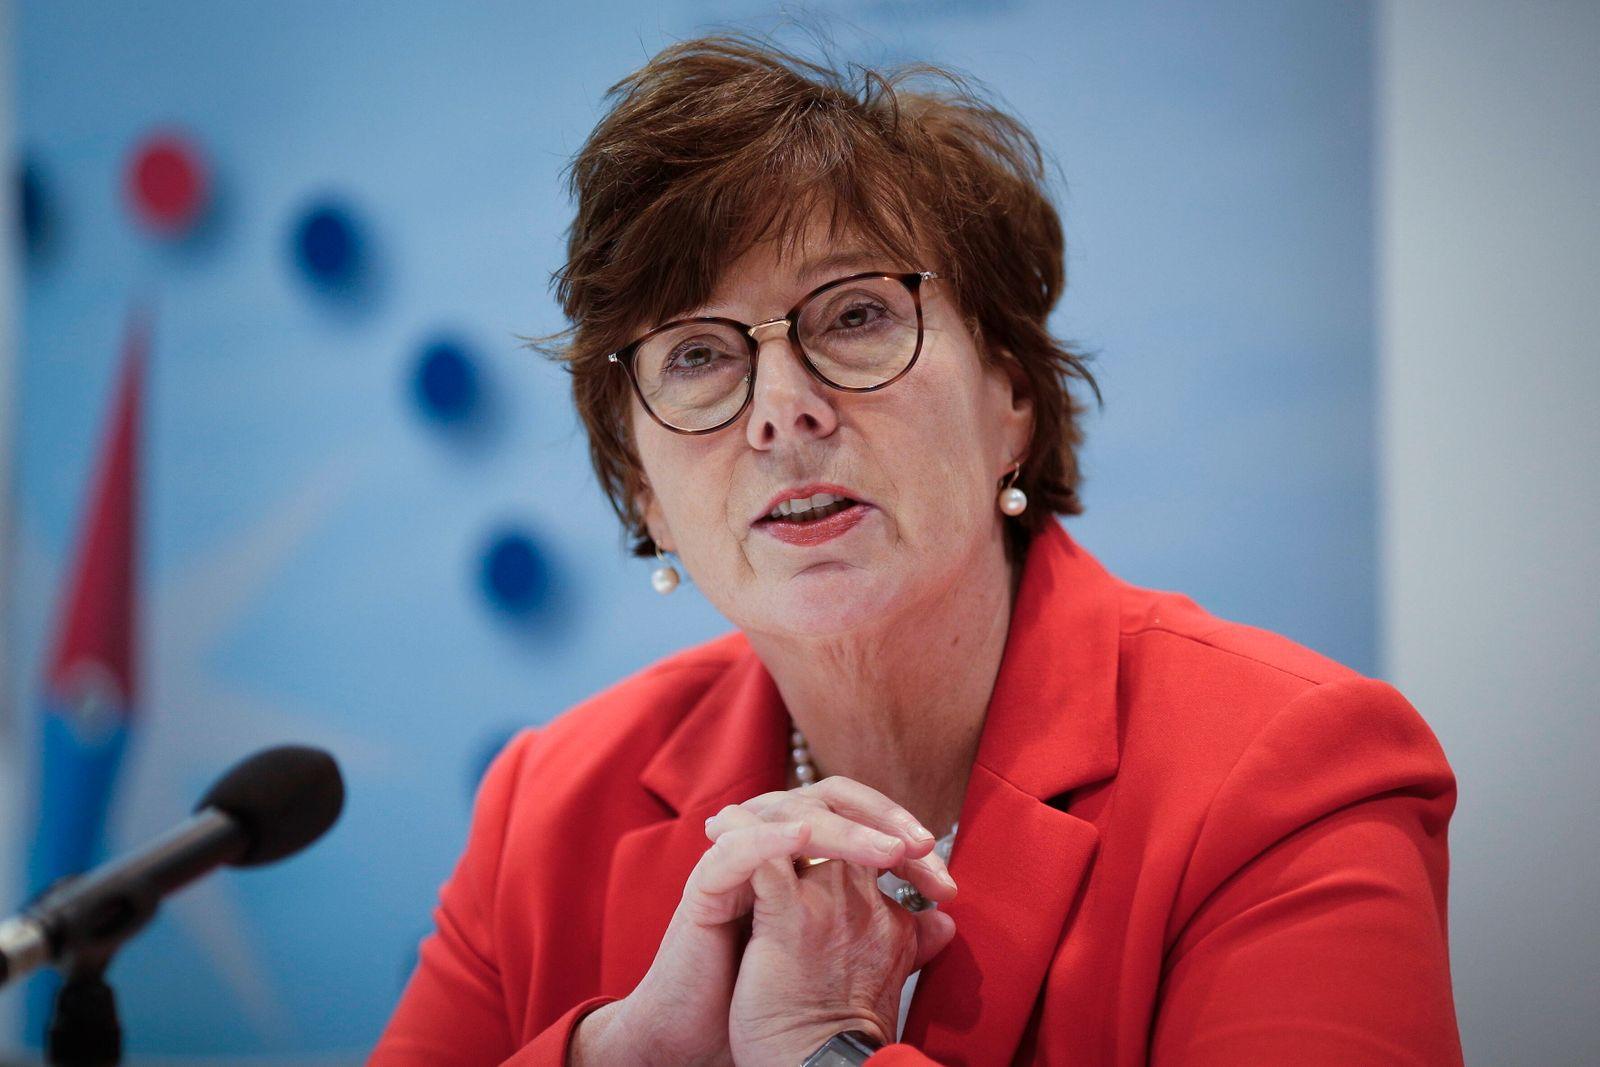 07.11.2019, Berlin, Deutschland - Foto: Sabine Suetterlin-Waack, CDU, Ministerin fuer Justiz, Europa, Verbraucherschutz